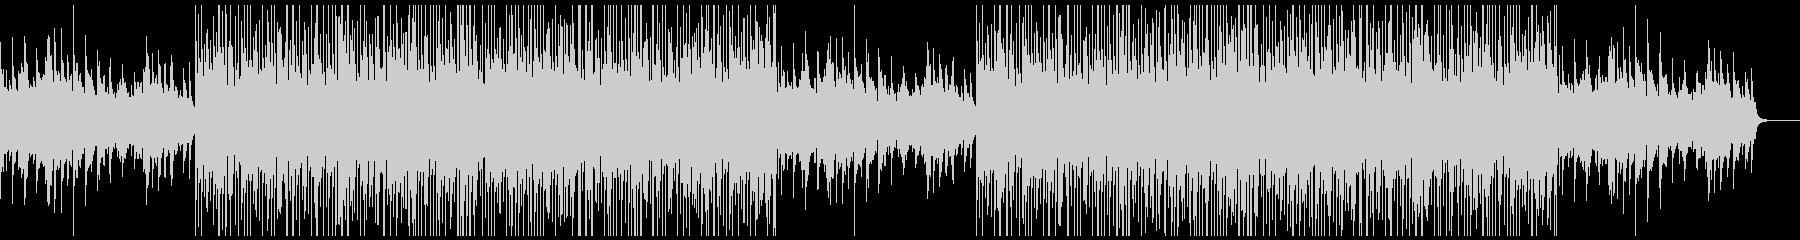 トラックメーカー風切ないピアノBGMの未再生の波形